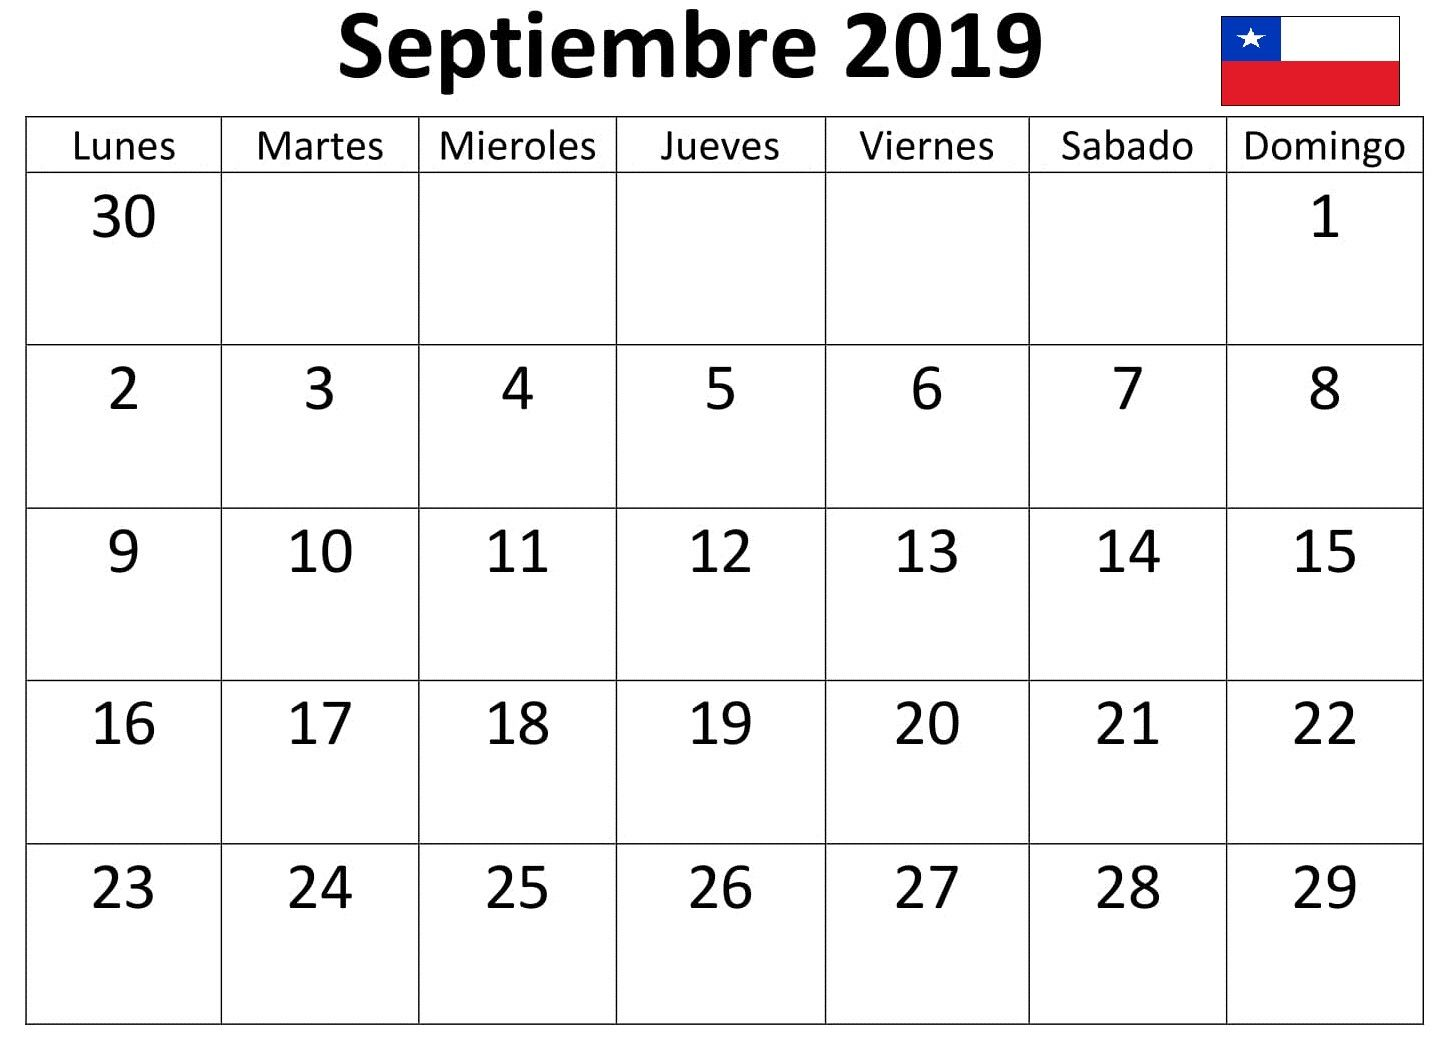 Calendario Diciembre 2019 Chile.Calendario 2019 Septiembre Chile Word Calendario